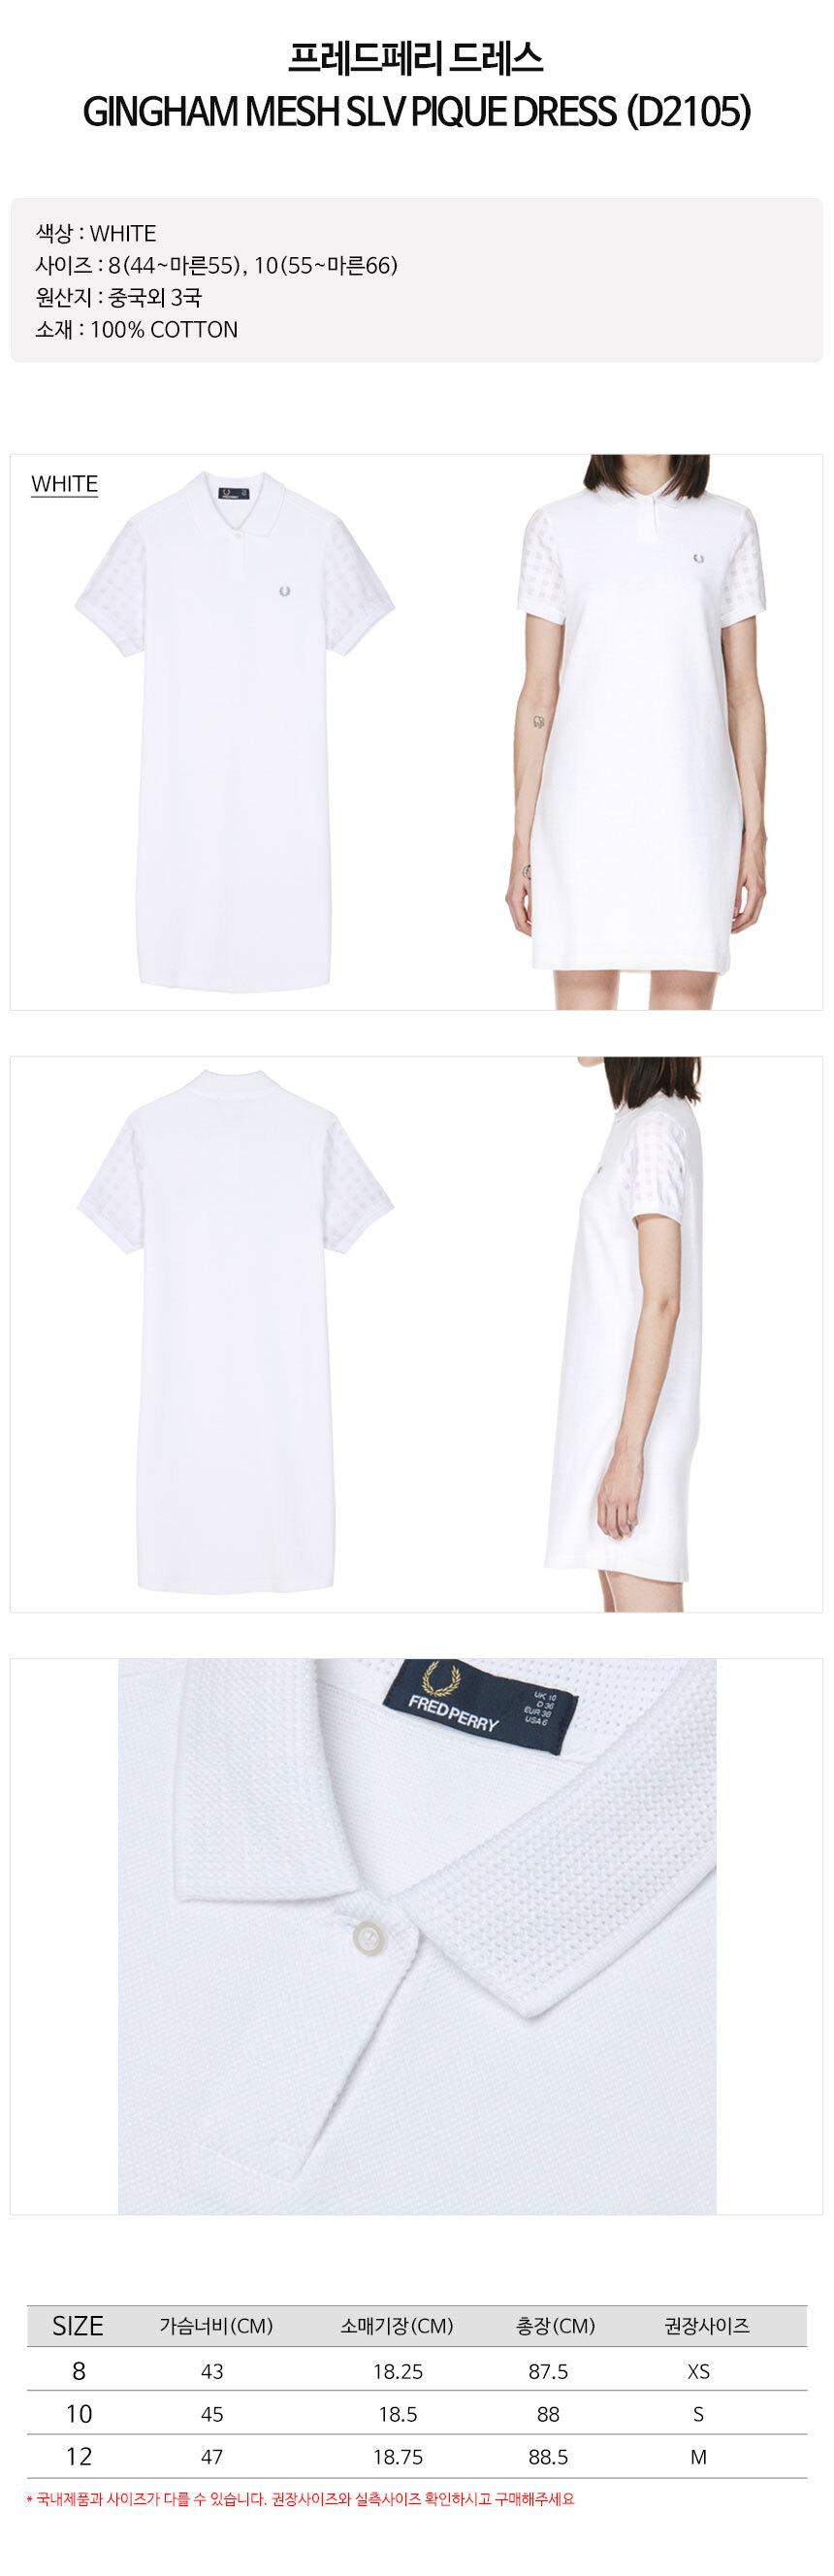 프레드페리(FRED PERRY) 깅엄 메쉬 슬리브 피크 드레스 D2105